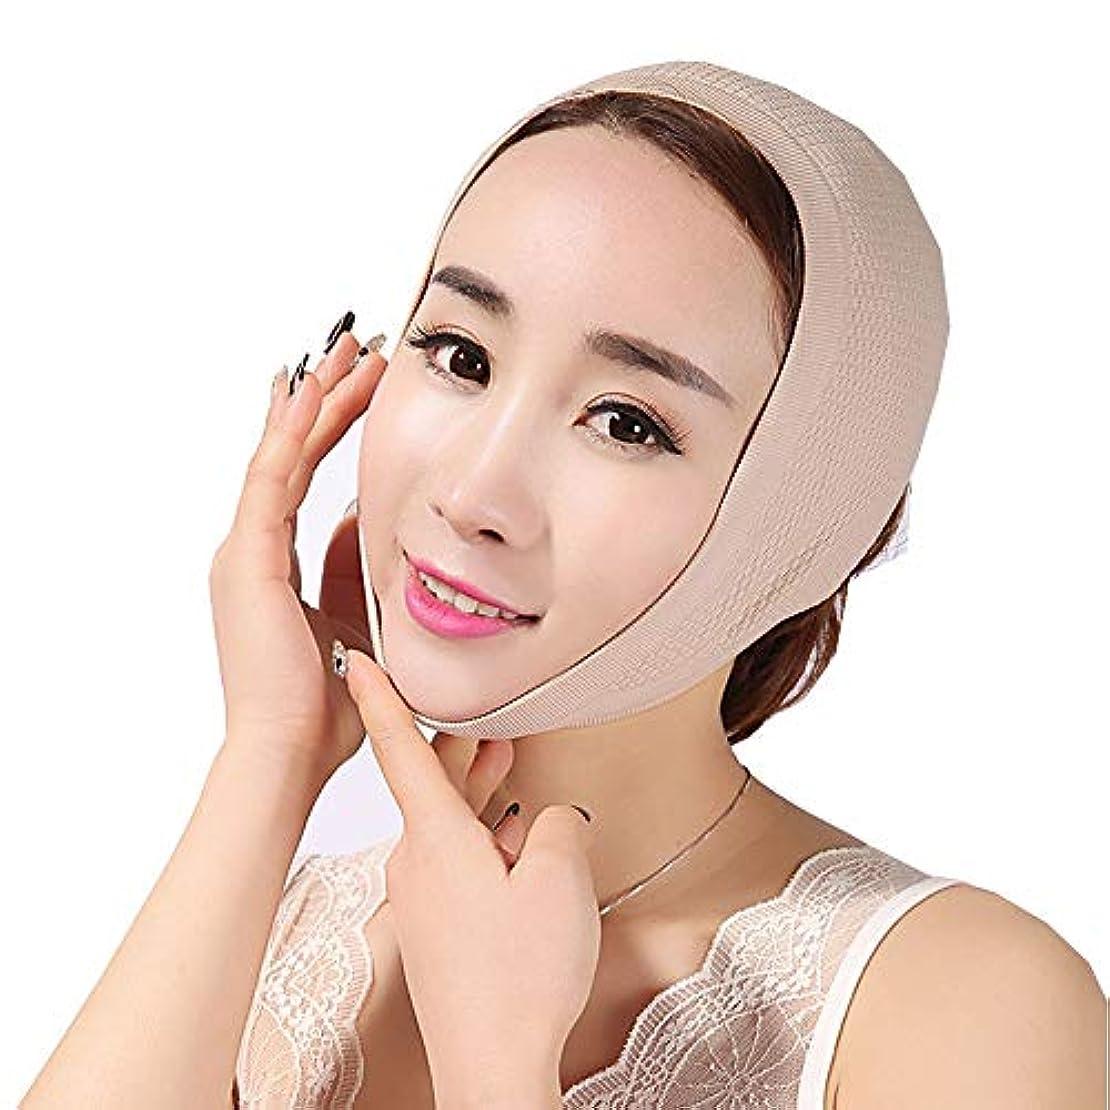 四一貫性のないモールGYZ フェイスマスクで眠る薄い顔フェイスリフトフェイスリフトアーティファクトスモールフェイスVフェイスリフト付きフェイスフェイス包帯引き上げジョーセット Thin Face Belt